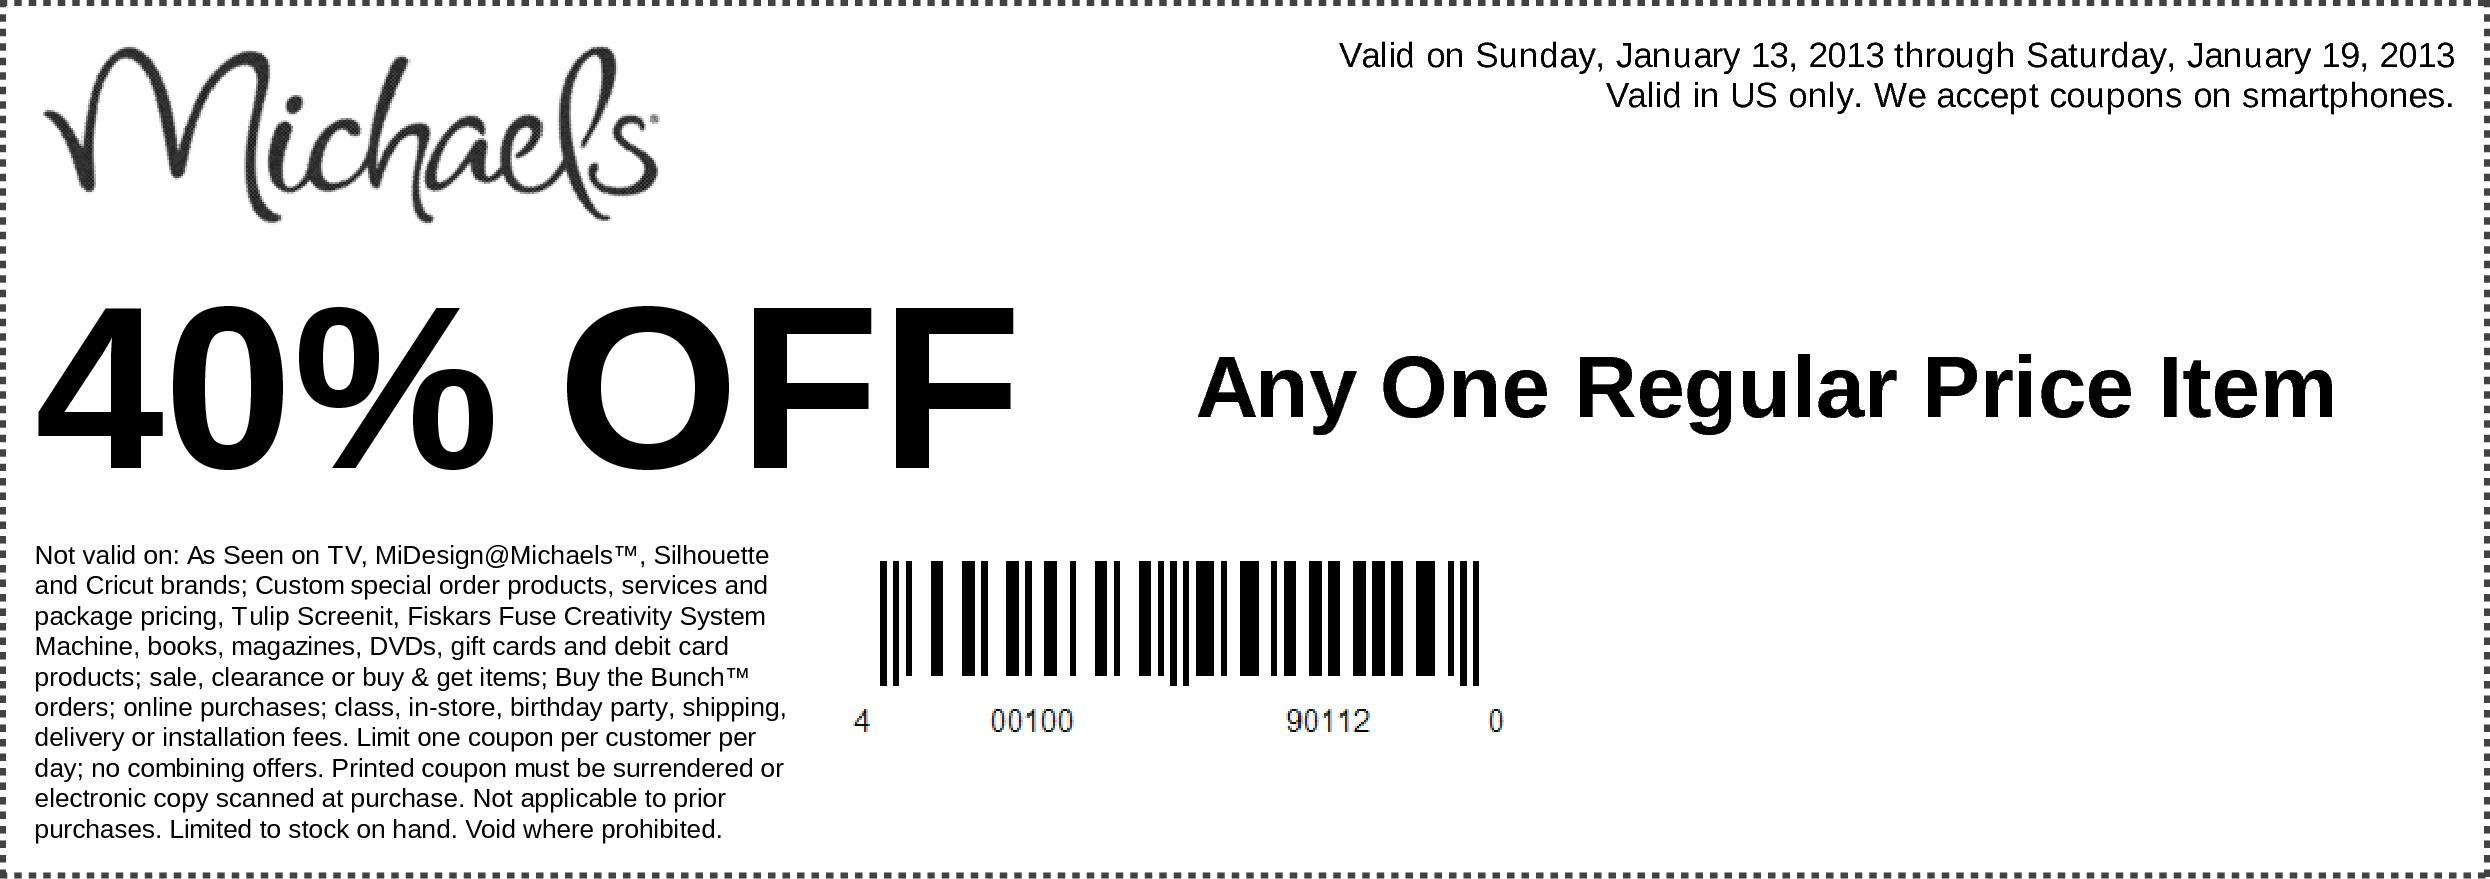 Kirklands coupons december 2013 - Michaels Coupon